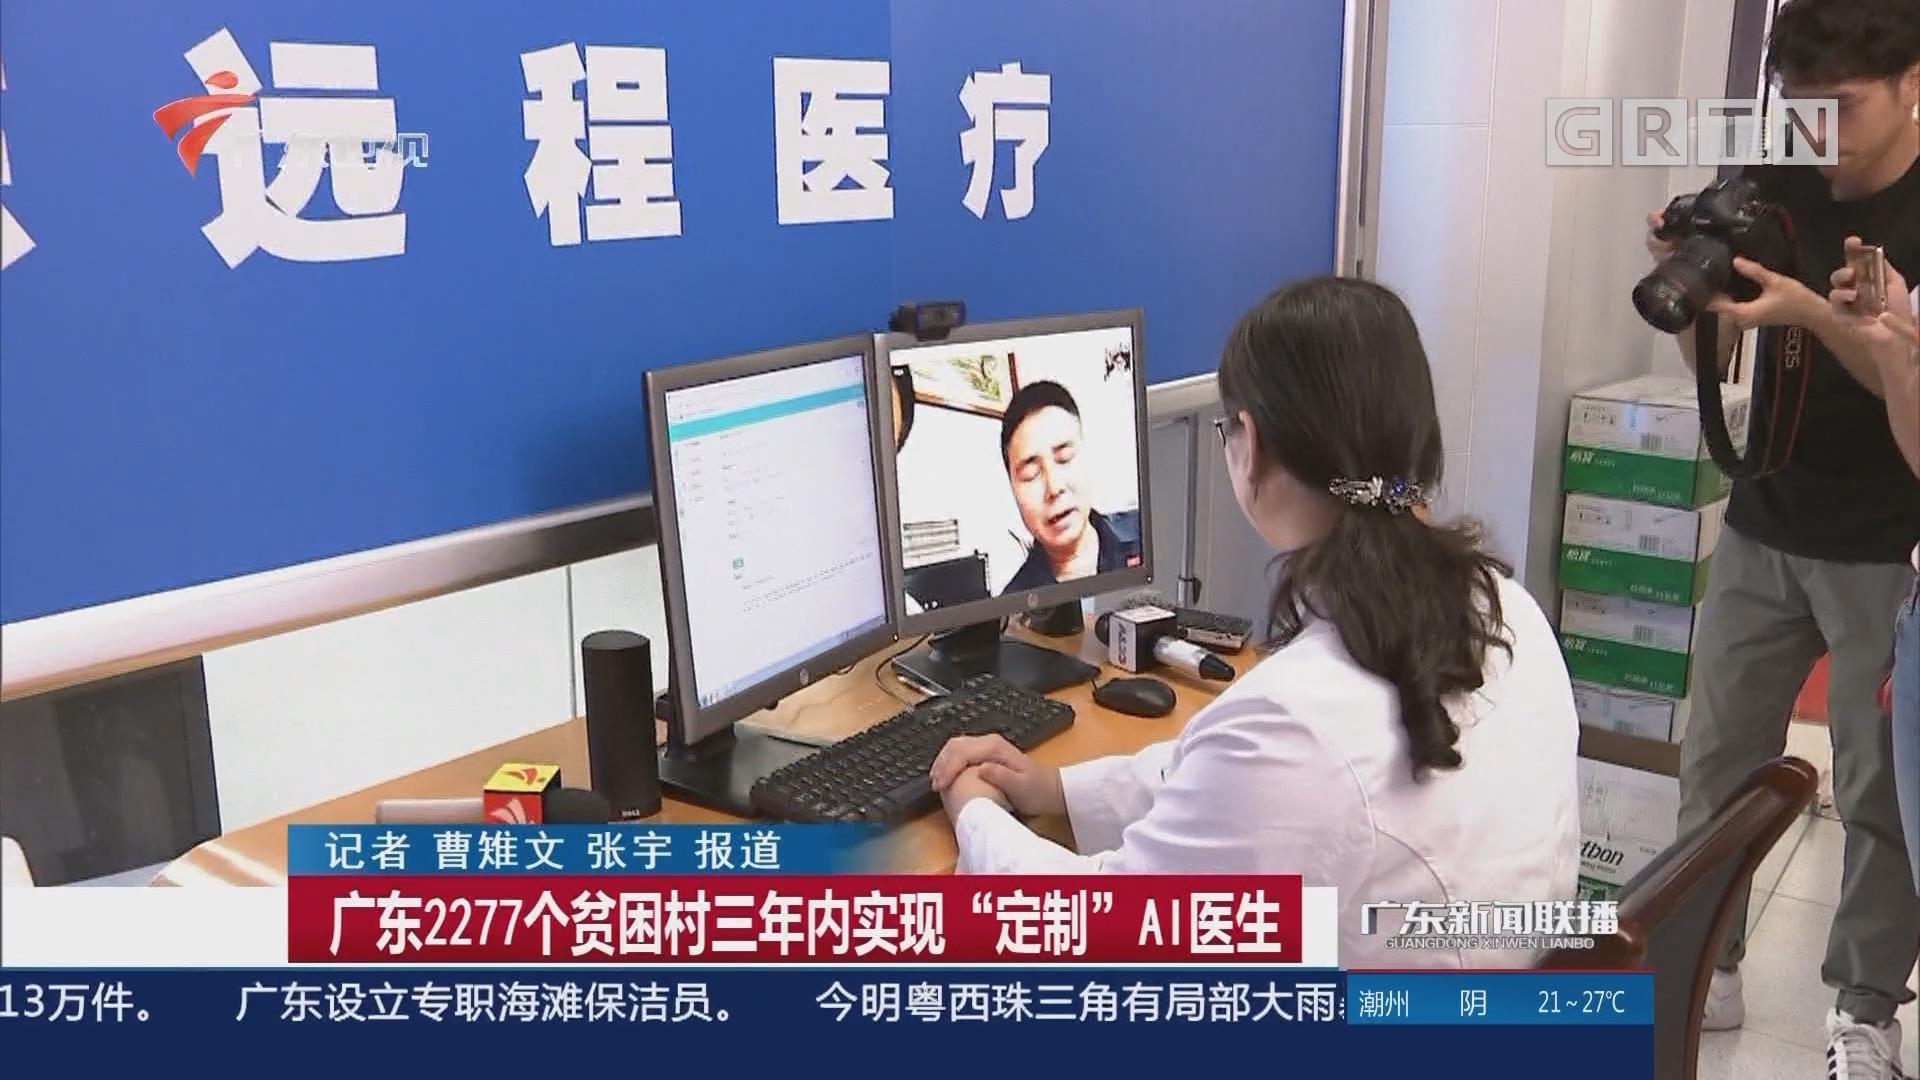 """广东2277个贫困村三年内实现""""定制""""AI医生"""